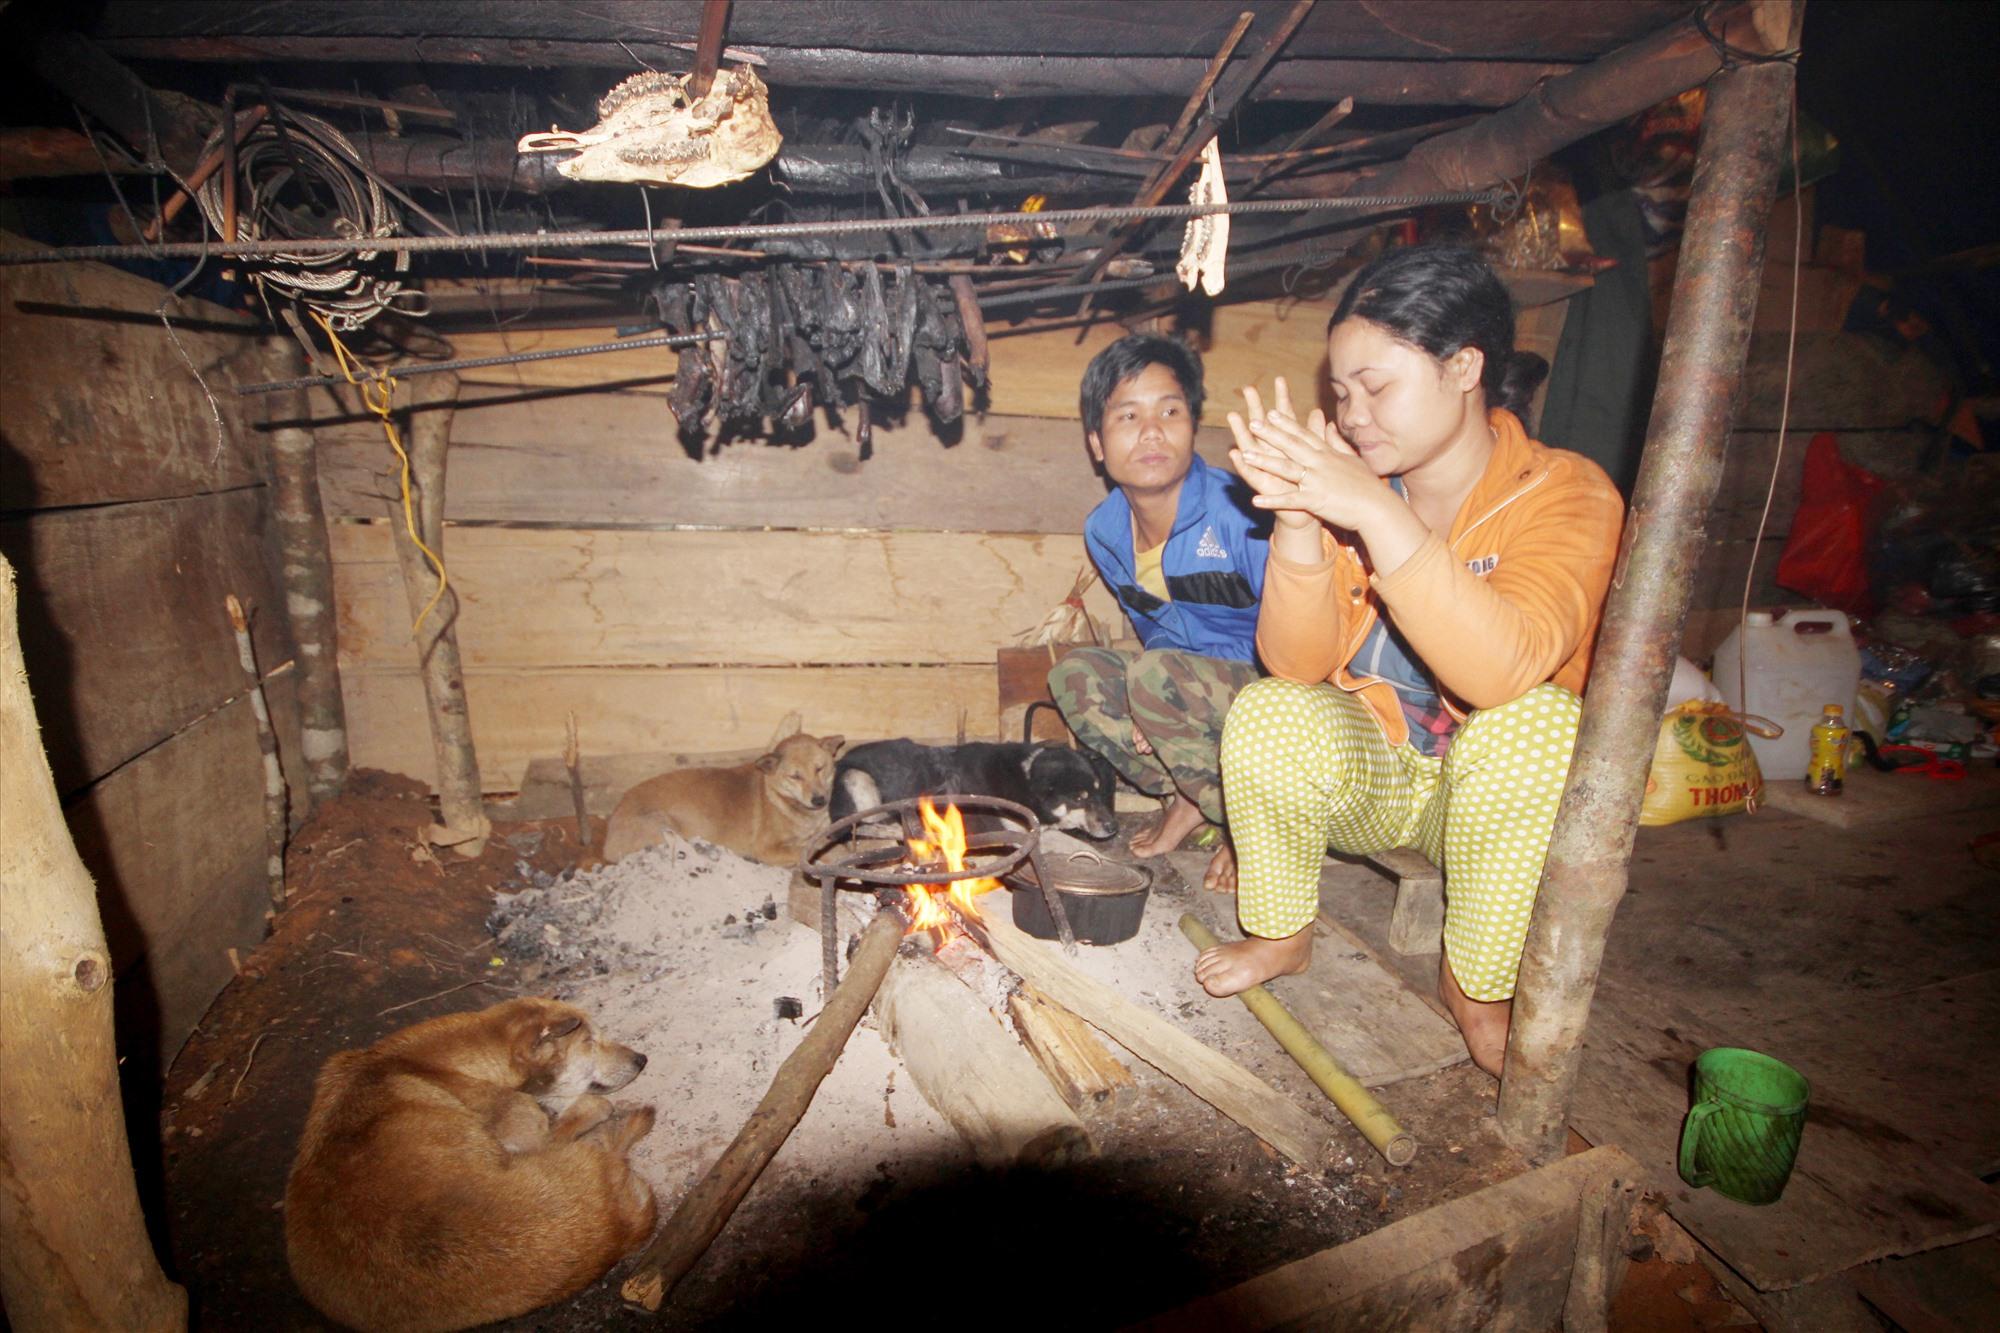 Vợ chồng trẻ nói sẽ không ở lại làng nữa, sau khi tìm thấy được mẹ. Ảnh: T.C